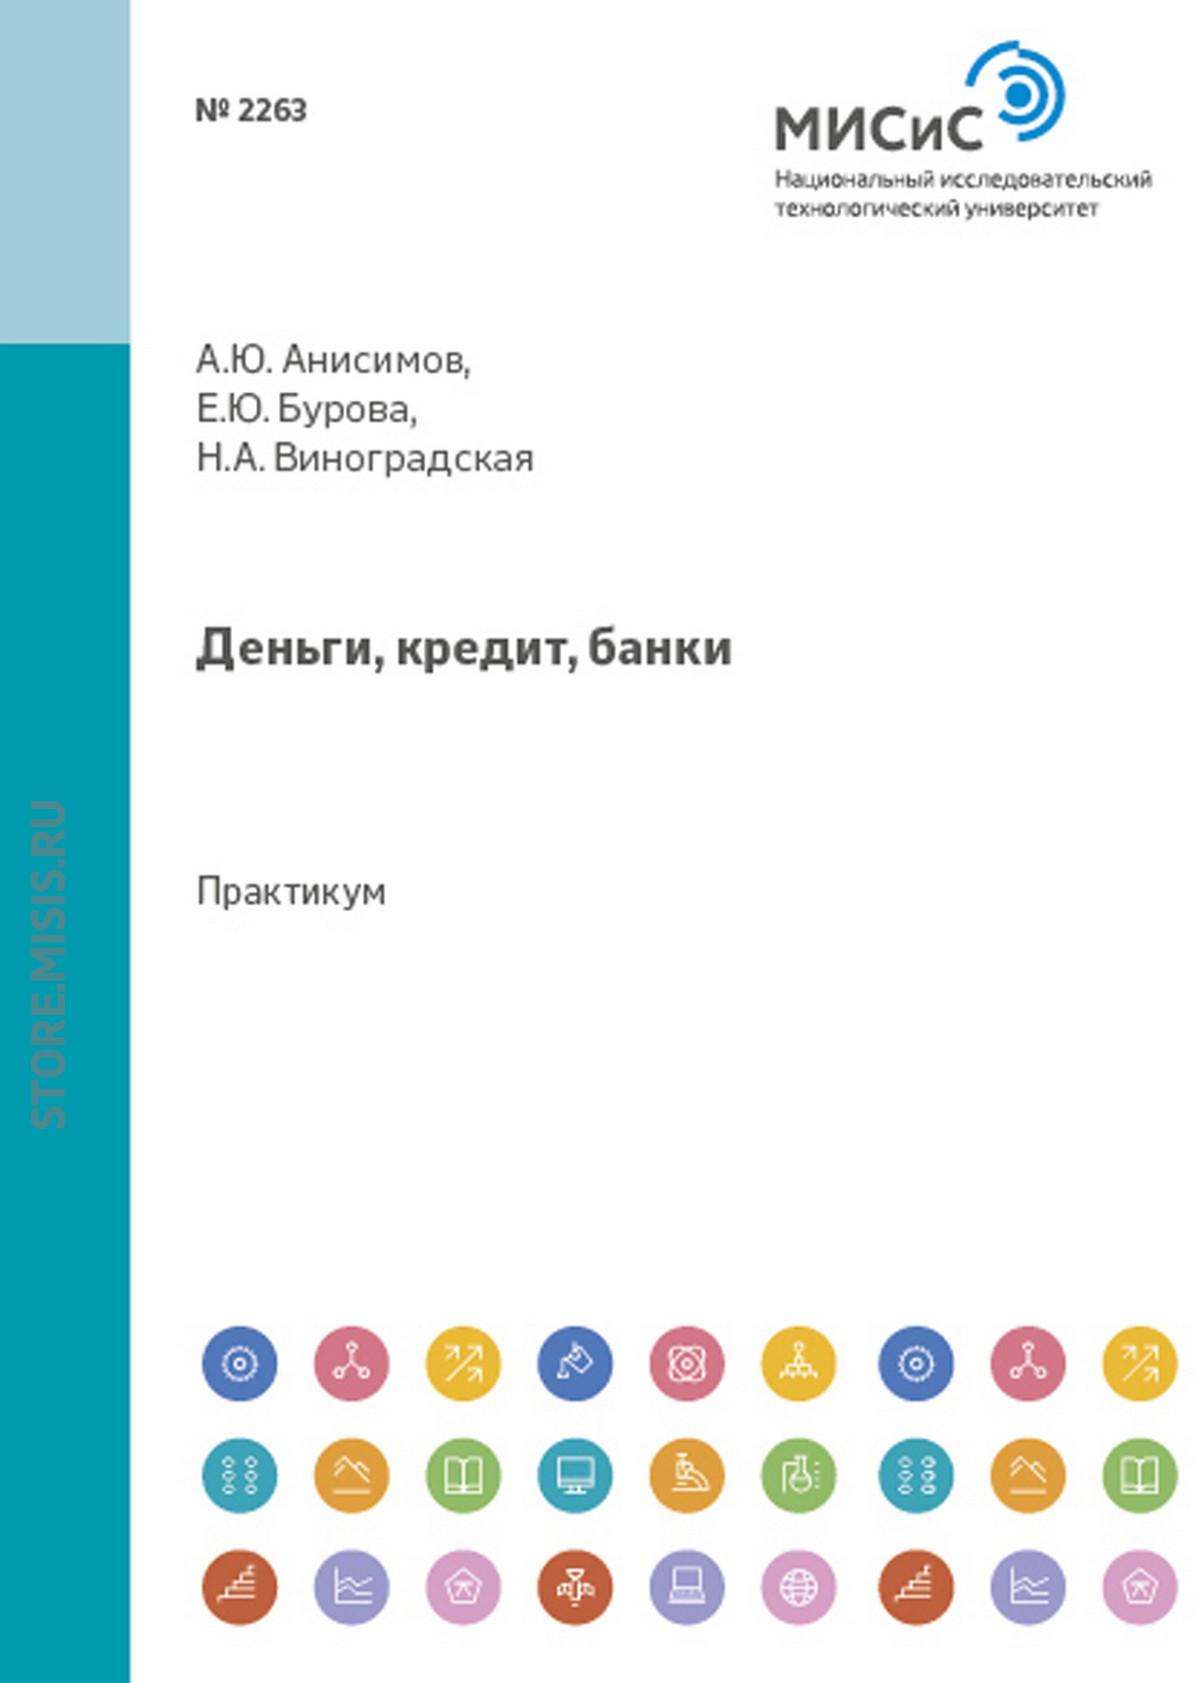 Александр Юрьеич Анисимо Деньги, , банки. Практикум